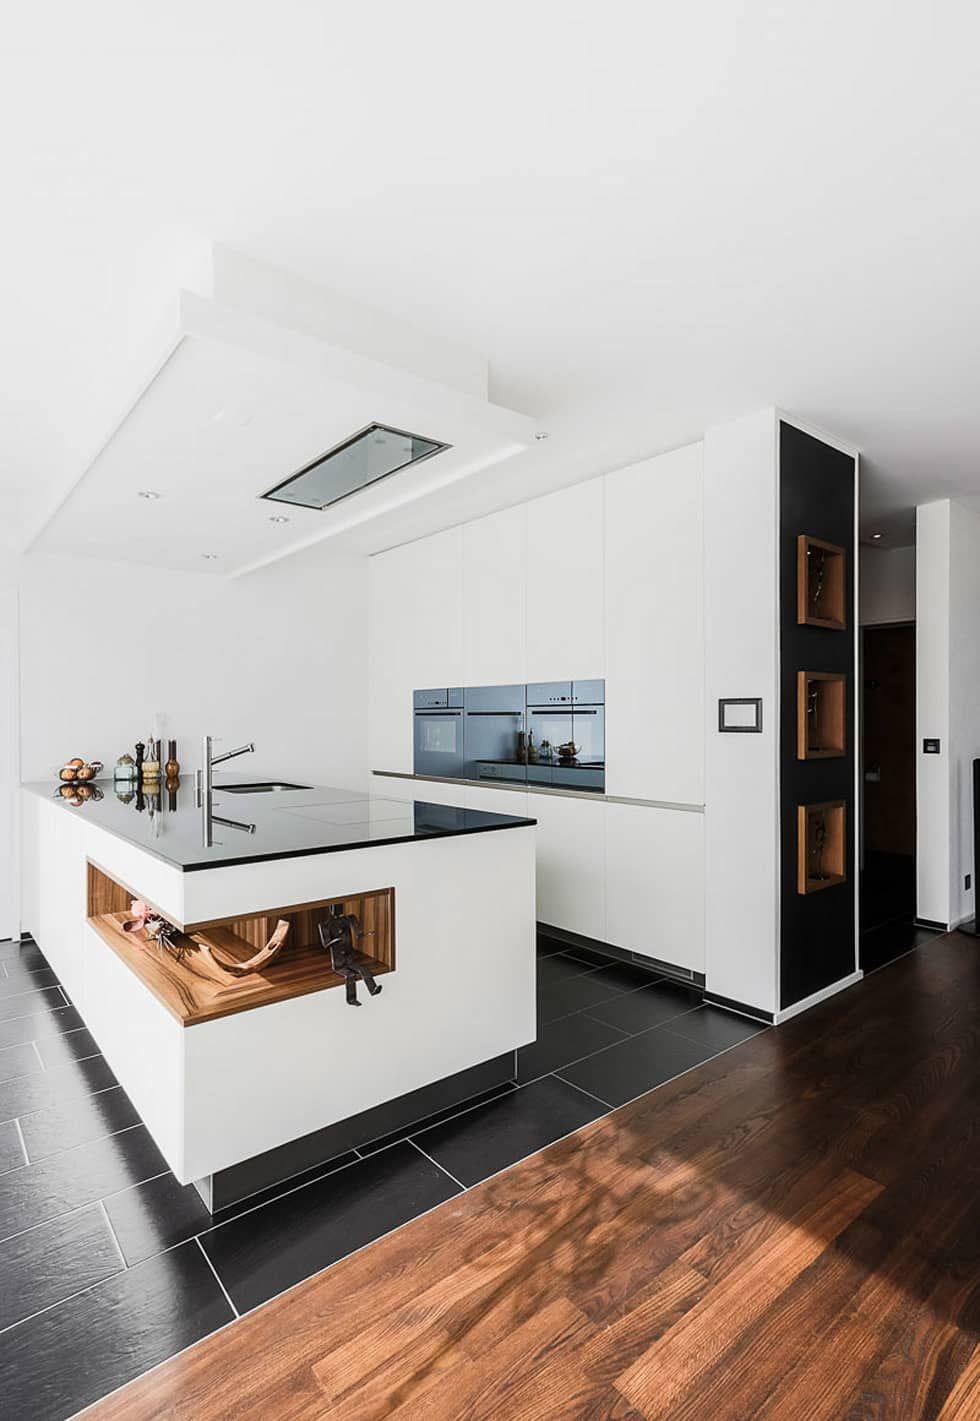 Grifflose Küchen • Küchen Ekelhoff | Cocinas | Pinterest | Kitchens ...